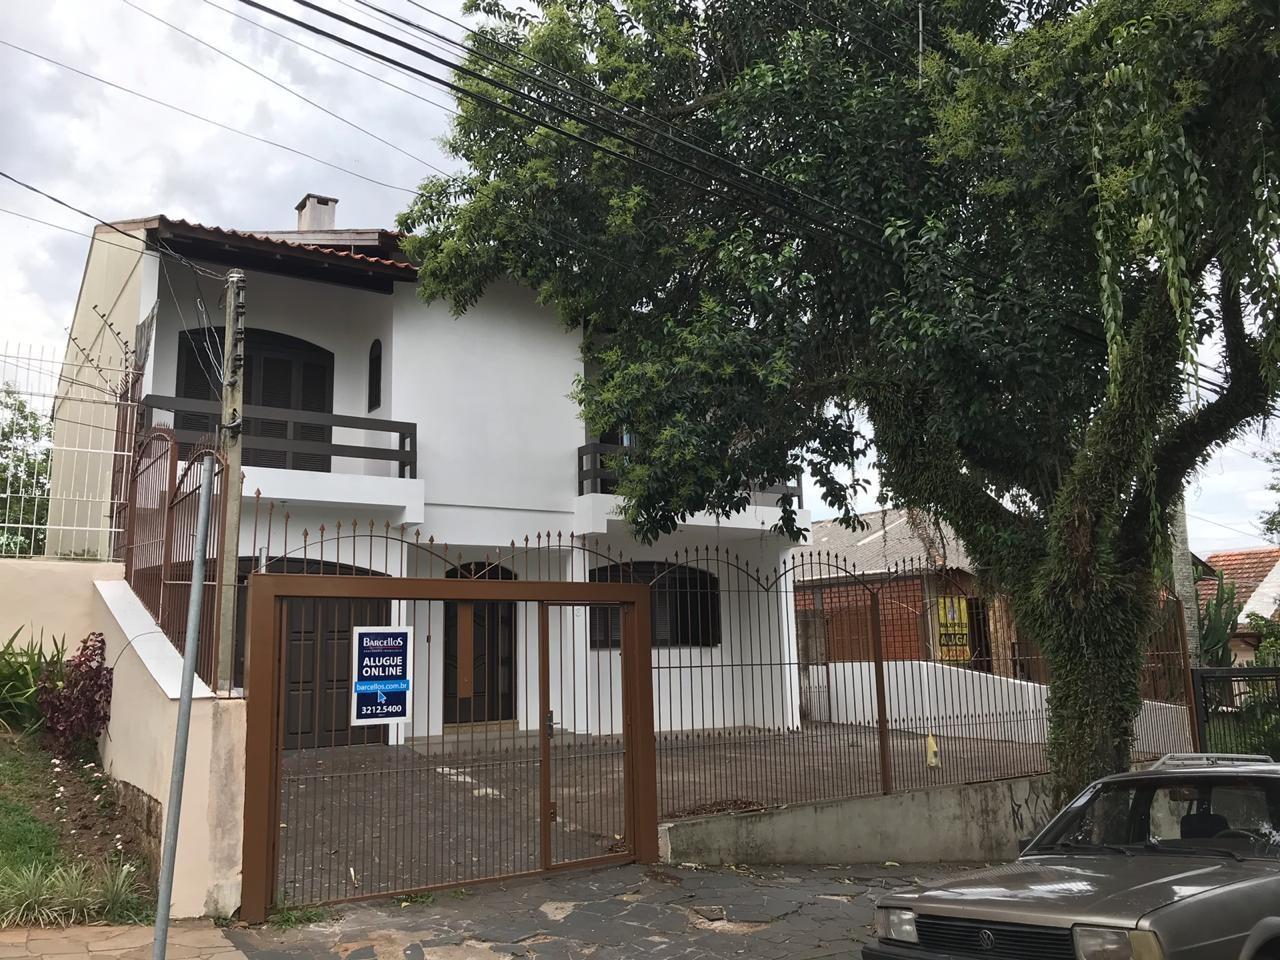 Casa, 380 m²  no bairro JARDIM IPIRANGA em PORTO ALEGRE/RS - Loja Imobiliária o seu portal de imóveis para alugar, aluguel e locação